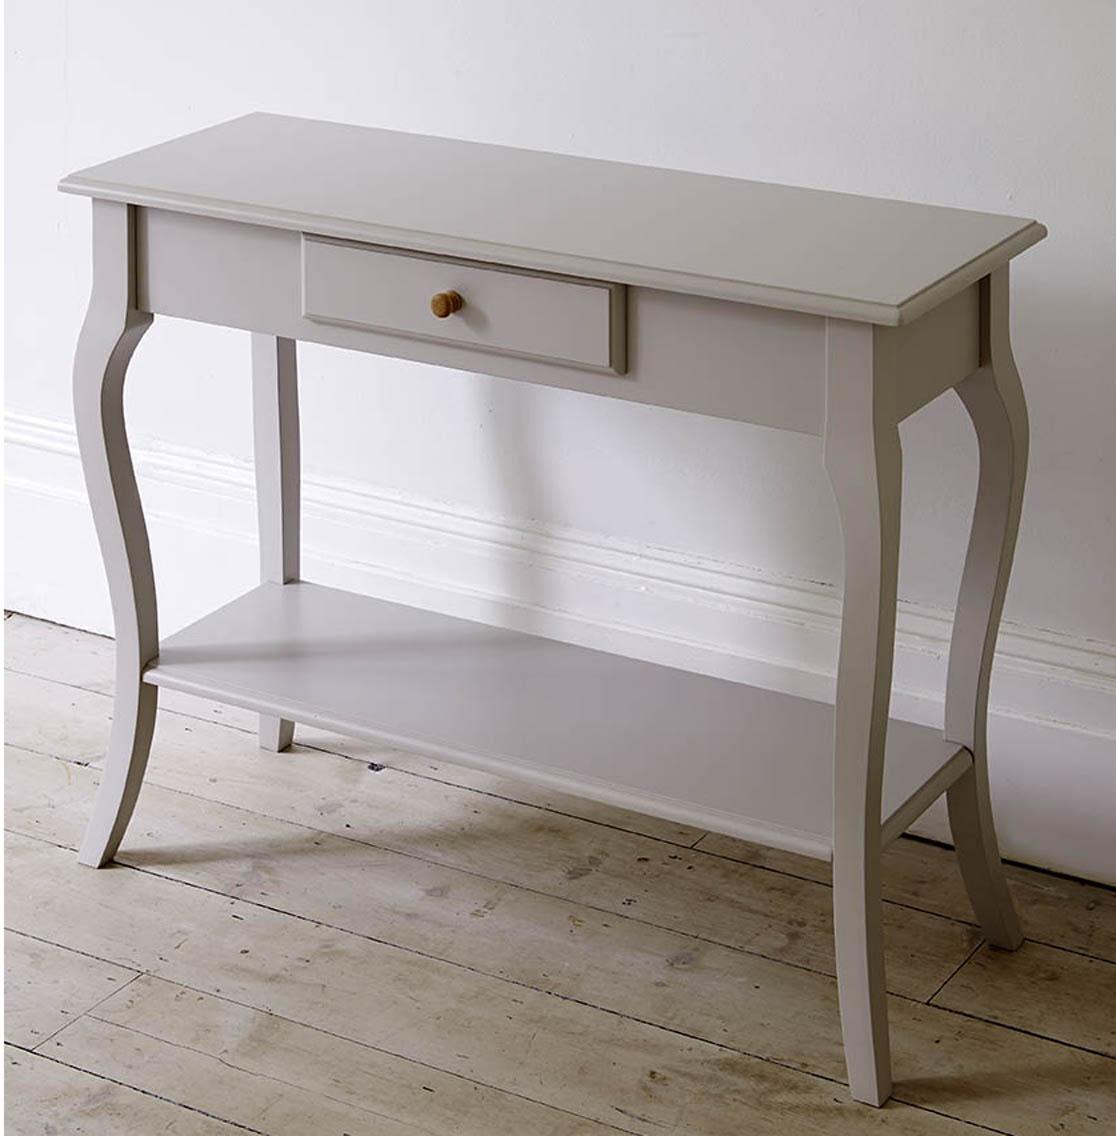 billige-konsol-borde-ikea-hvid-konsol-table-ikea-måske-være-noget-værd-til-prøve-for-the-gangen-at-will-sikkert-cost-du-langt-mindre-penge